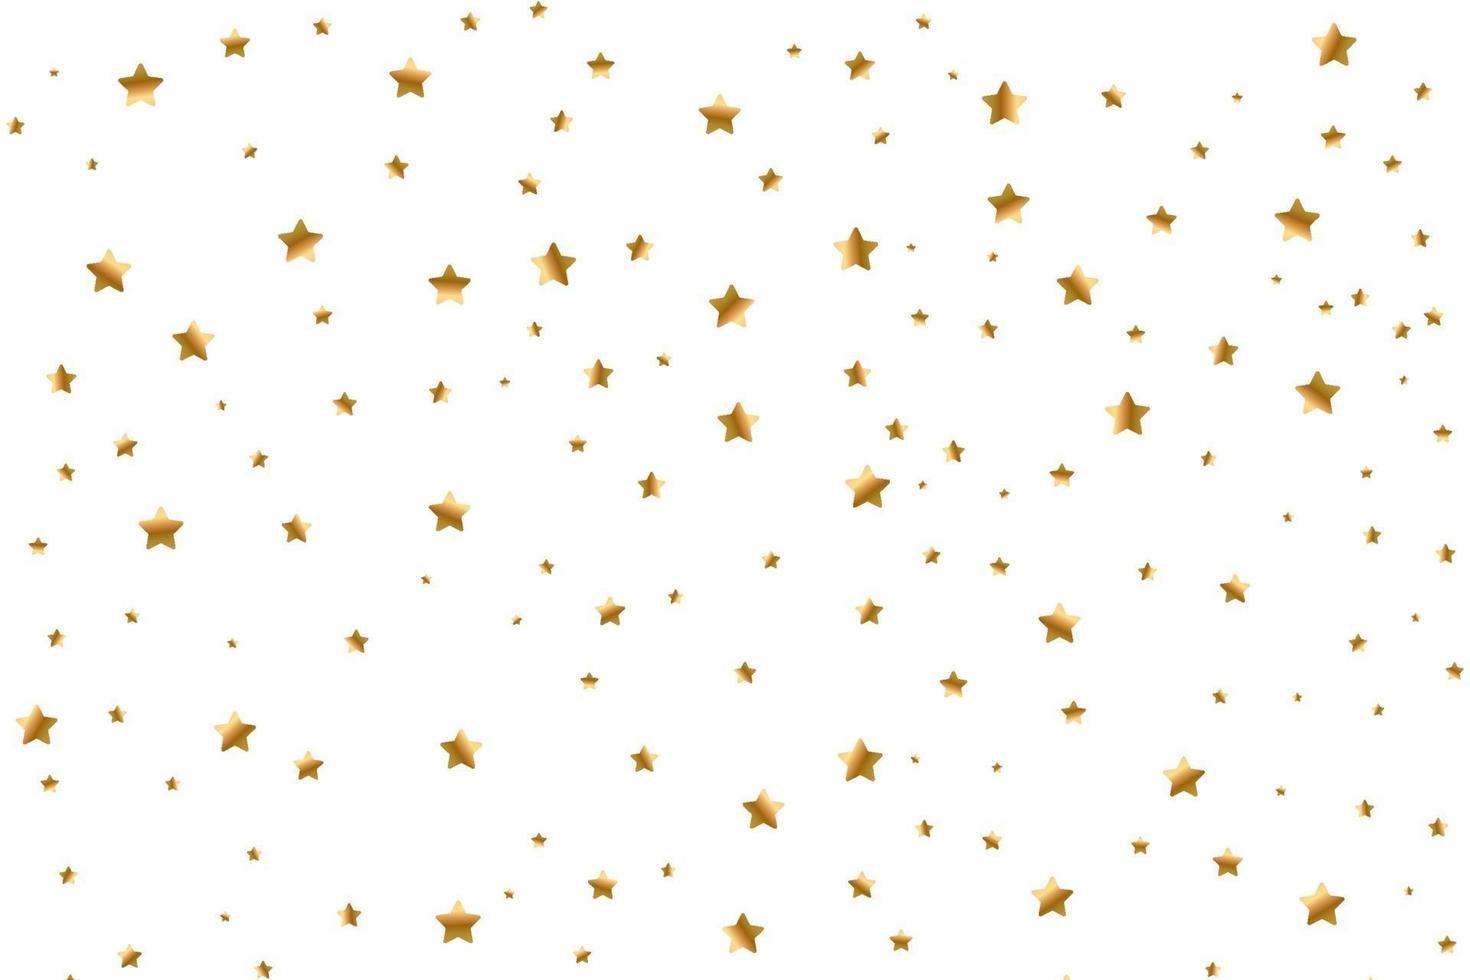 ensemble d'étoiles filantes dorées. nuage d'étoiles dorées isolé. météoroïde, comète, astéroïde, étoiles vecteur